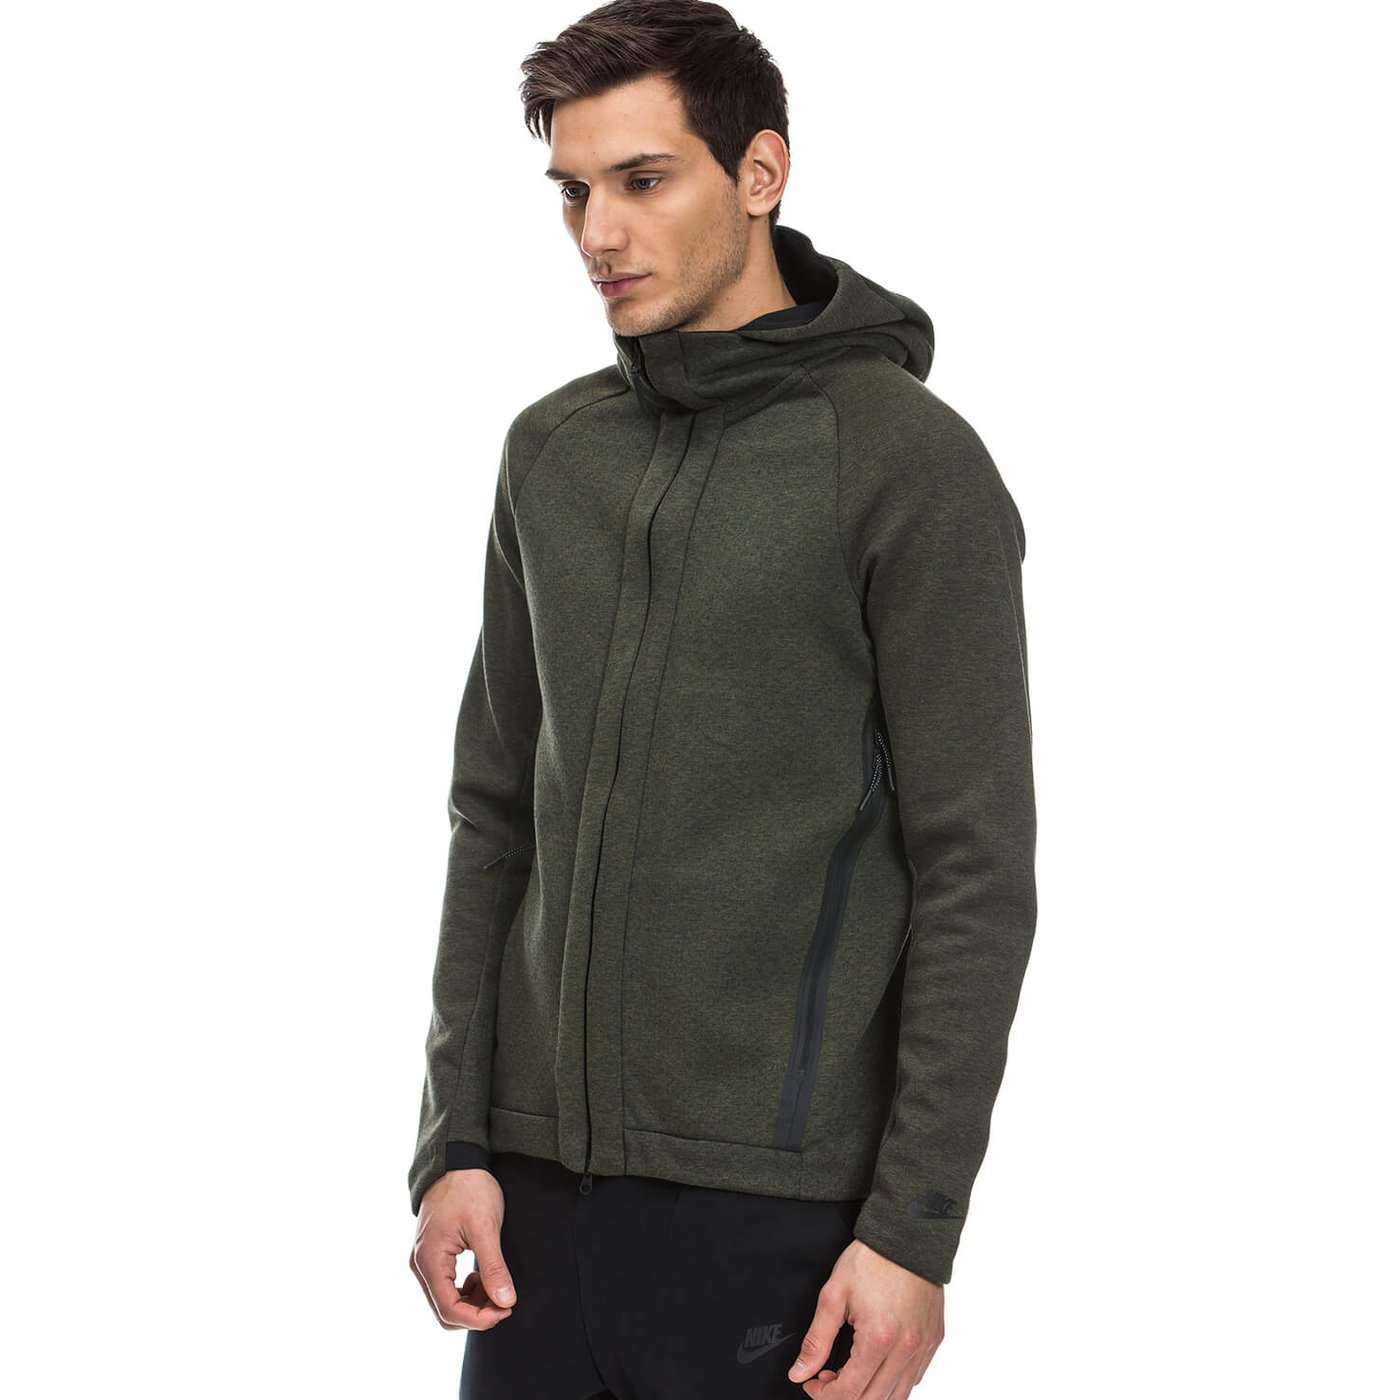 Nike Erkek Yeşil Sweatshirt